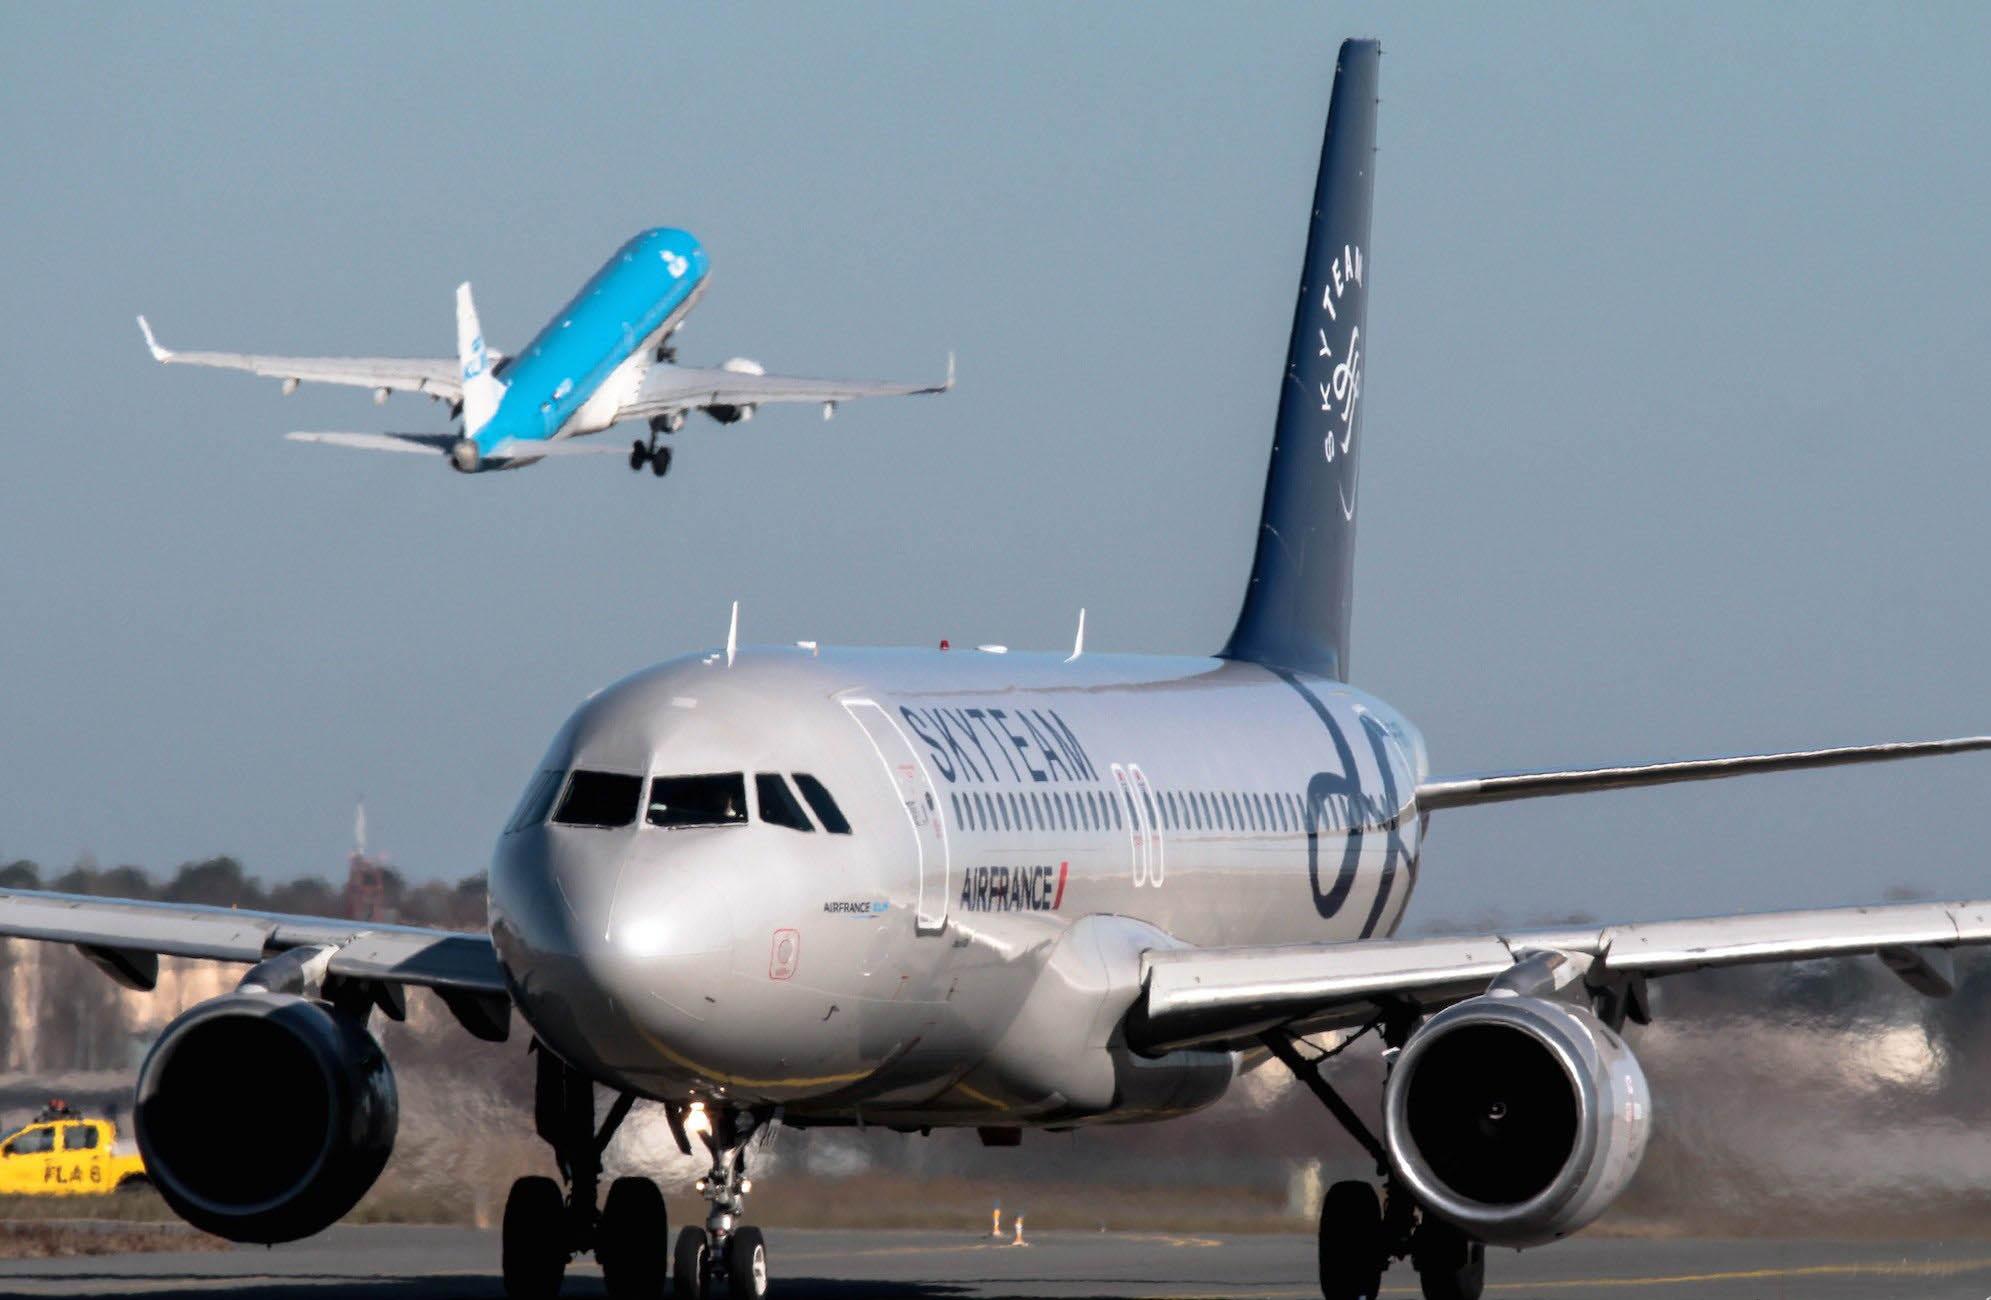 B737 KLM décolle en arrière olan d'un A320 Air France